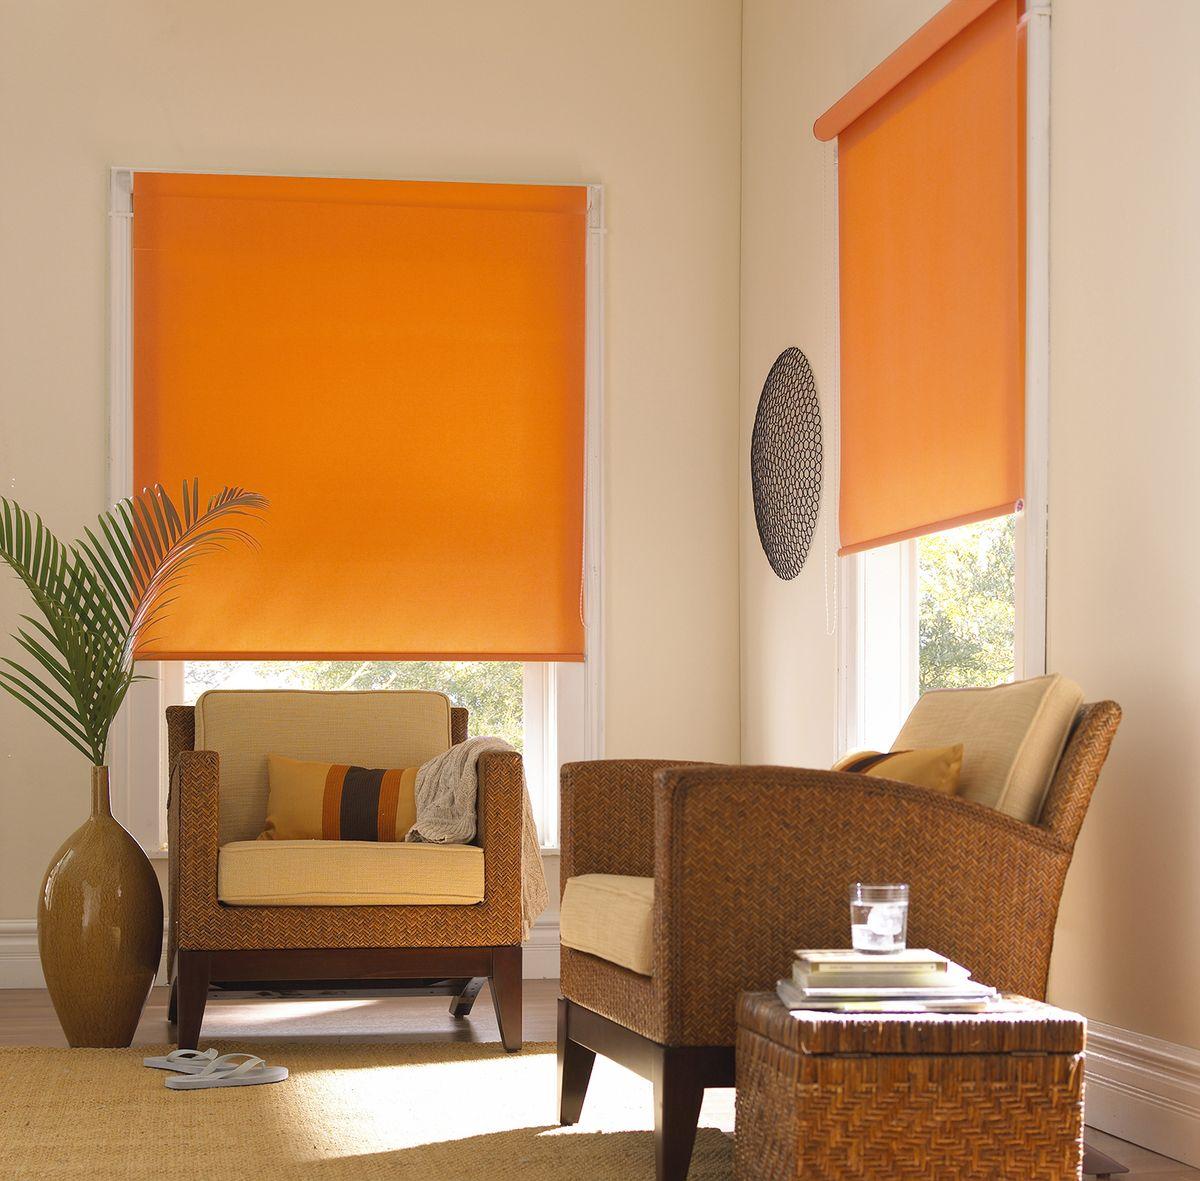 Штора рулонная Эскар Миниролло, цвет: апельсин, ширина 62 см, высота 170 см31203062170Рулонная штора Эскар Миниролло выполнена из высокопрочной ткани, которая сохраняет свой размер даже при намокании. Ткань не выцветает и обладает отличной цветоустойчивостью.Миниролло - это подвид рулонных штор, который закрывает не весь оконный проем, а непосредственно само стекло. Такие шторы крепятся на раму без сверления при помощи зажимов или клейкой двухсторонней ленты (в комплекте). Окно остается на гарантии, благодаря монтажу без сверления. Такая штора станет прекрасным элементом декора окна и гармонично впишется в интерьер любого помещения.